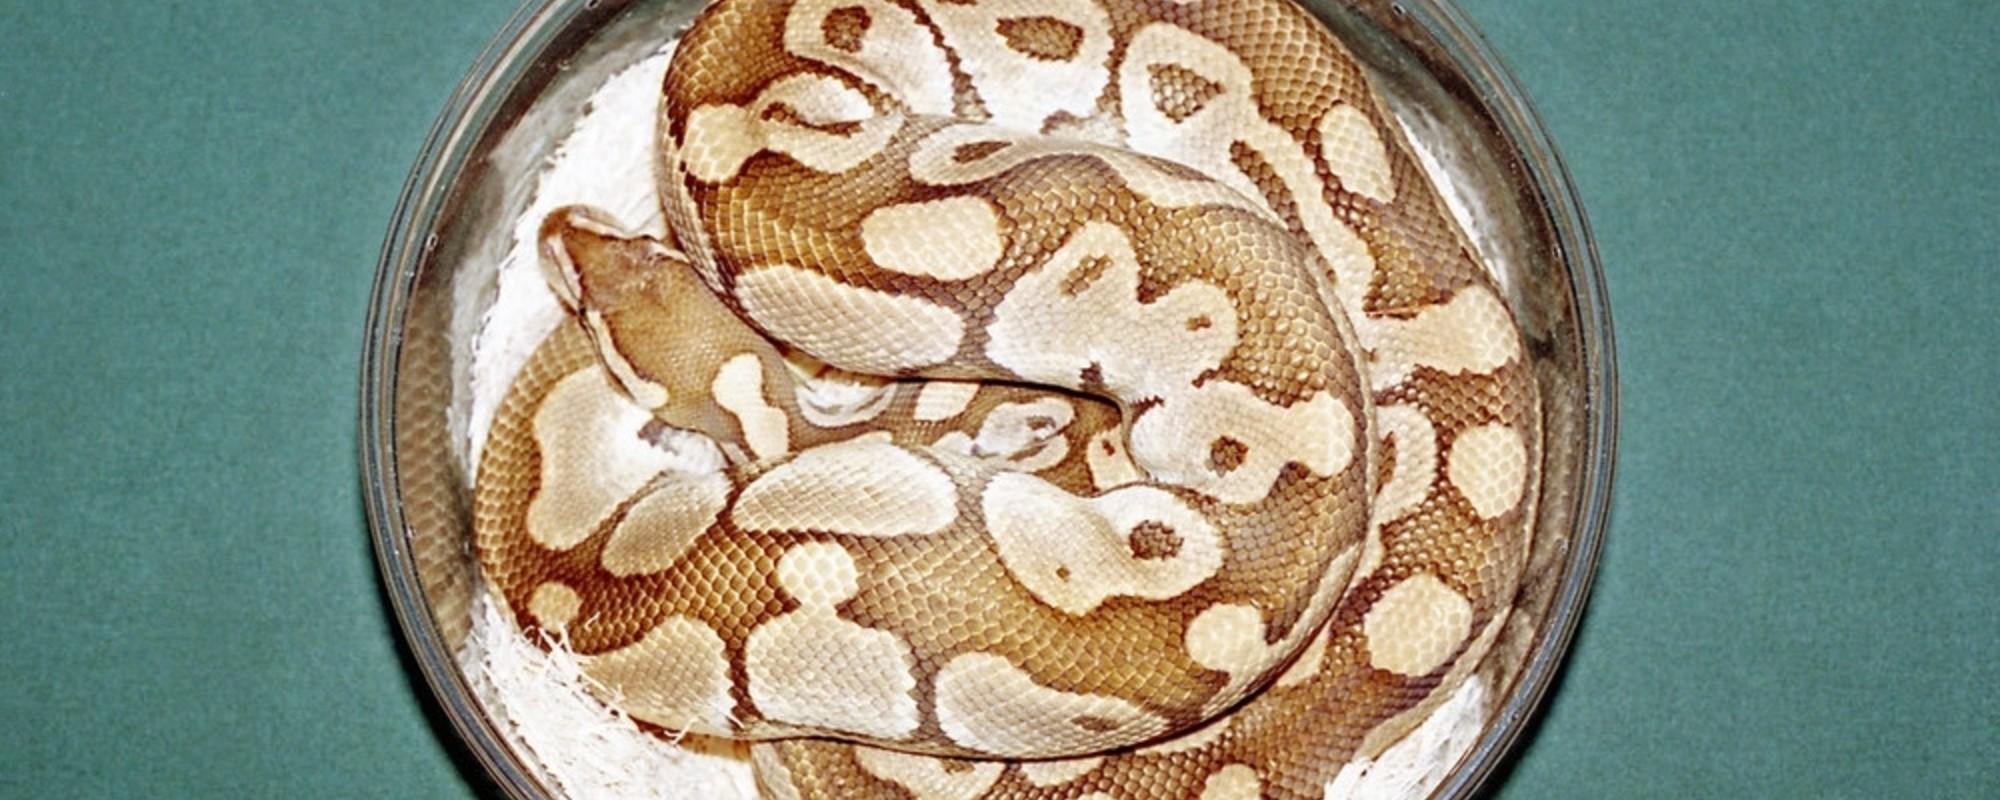 Fotografii cu șerpi, șopârle și păianjeni de la cea mai mare expoziție de reptile, din Quebec